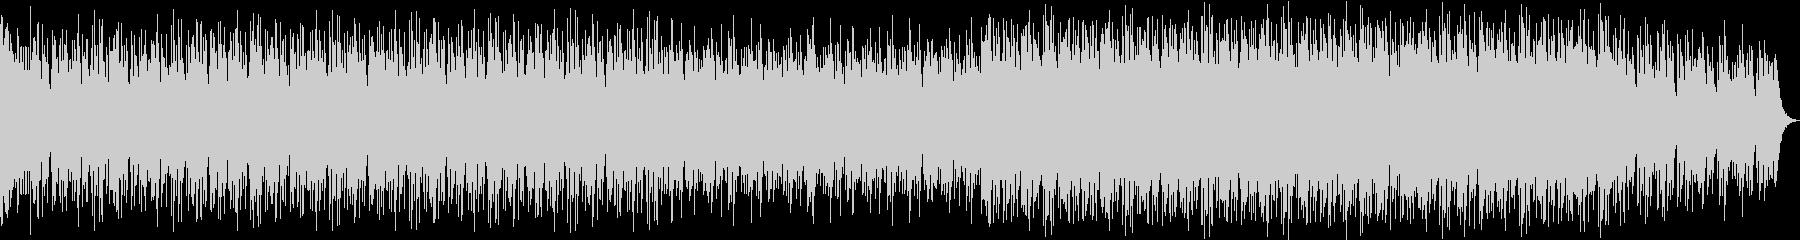 退廃的なピアノループバラードの未再生の波形